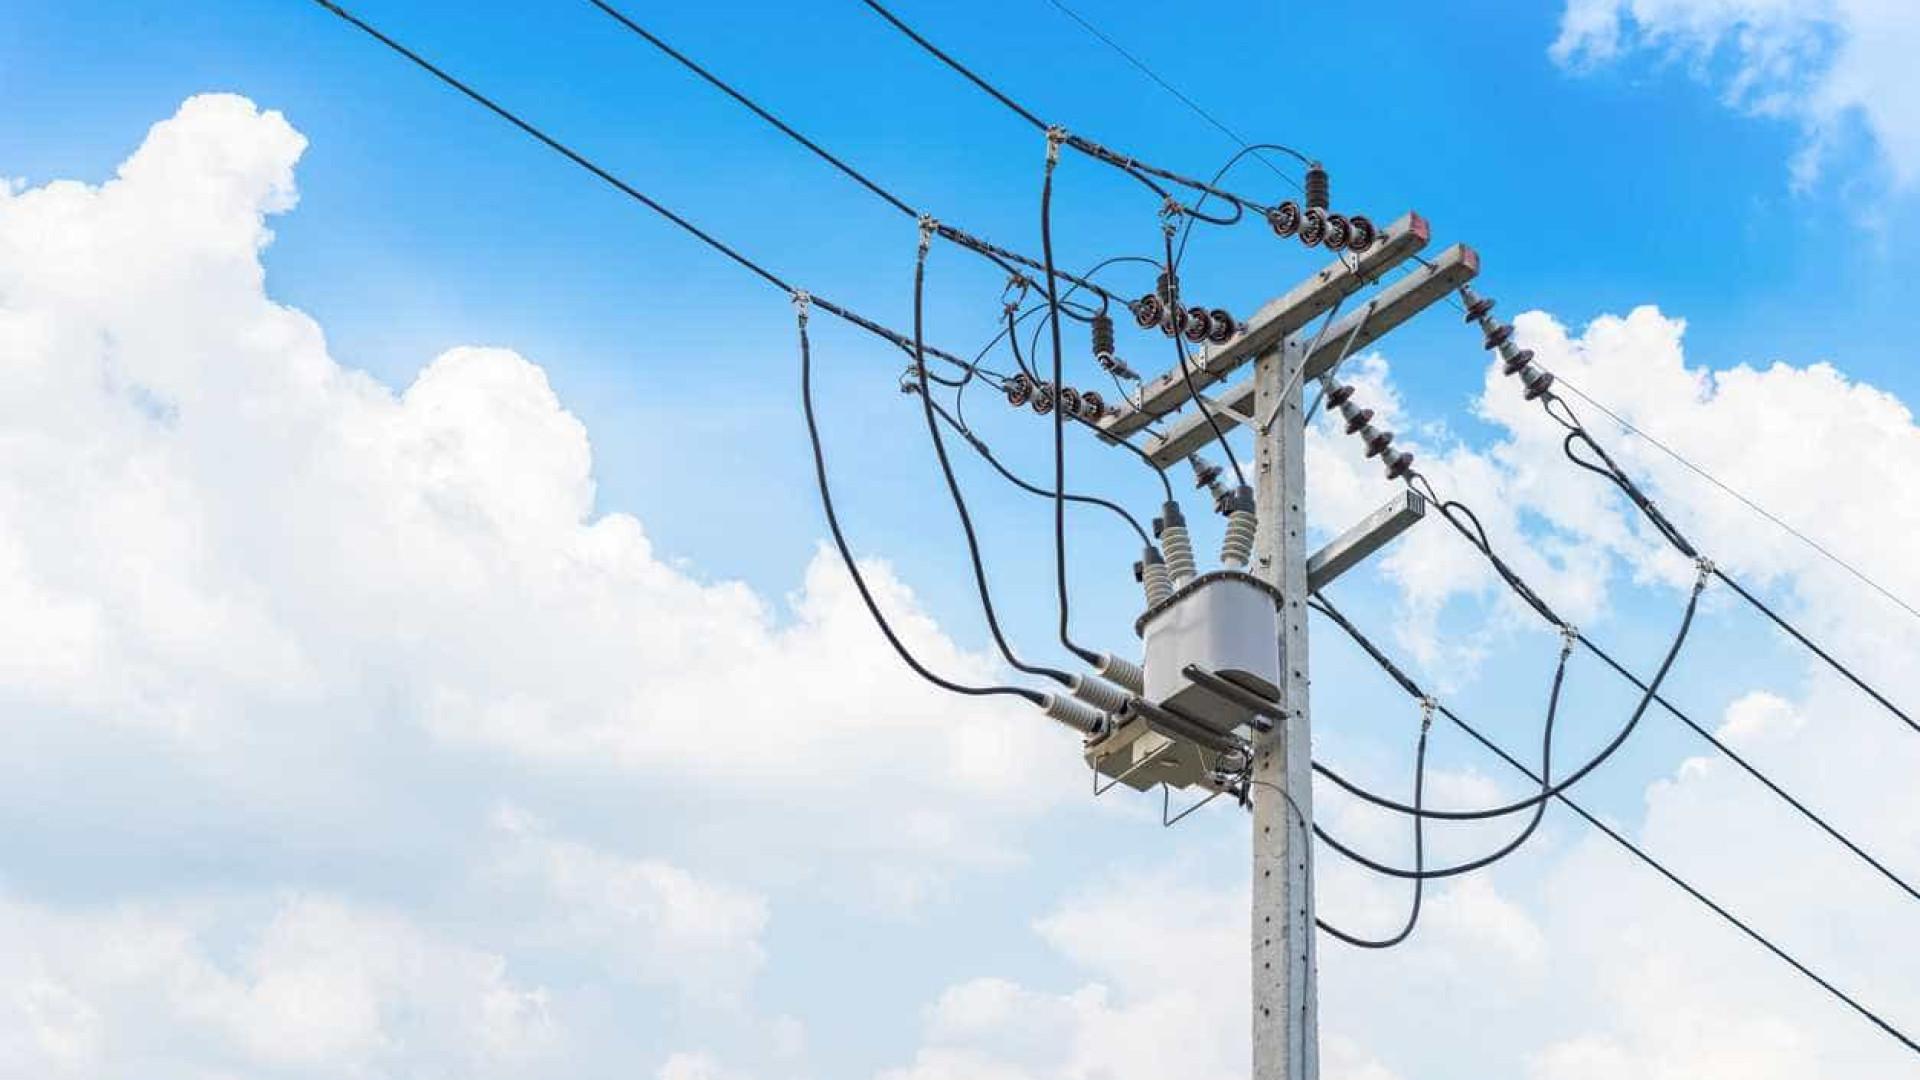 Posse da comissão de inquérito às rendas da energia marcada para dia 23